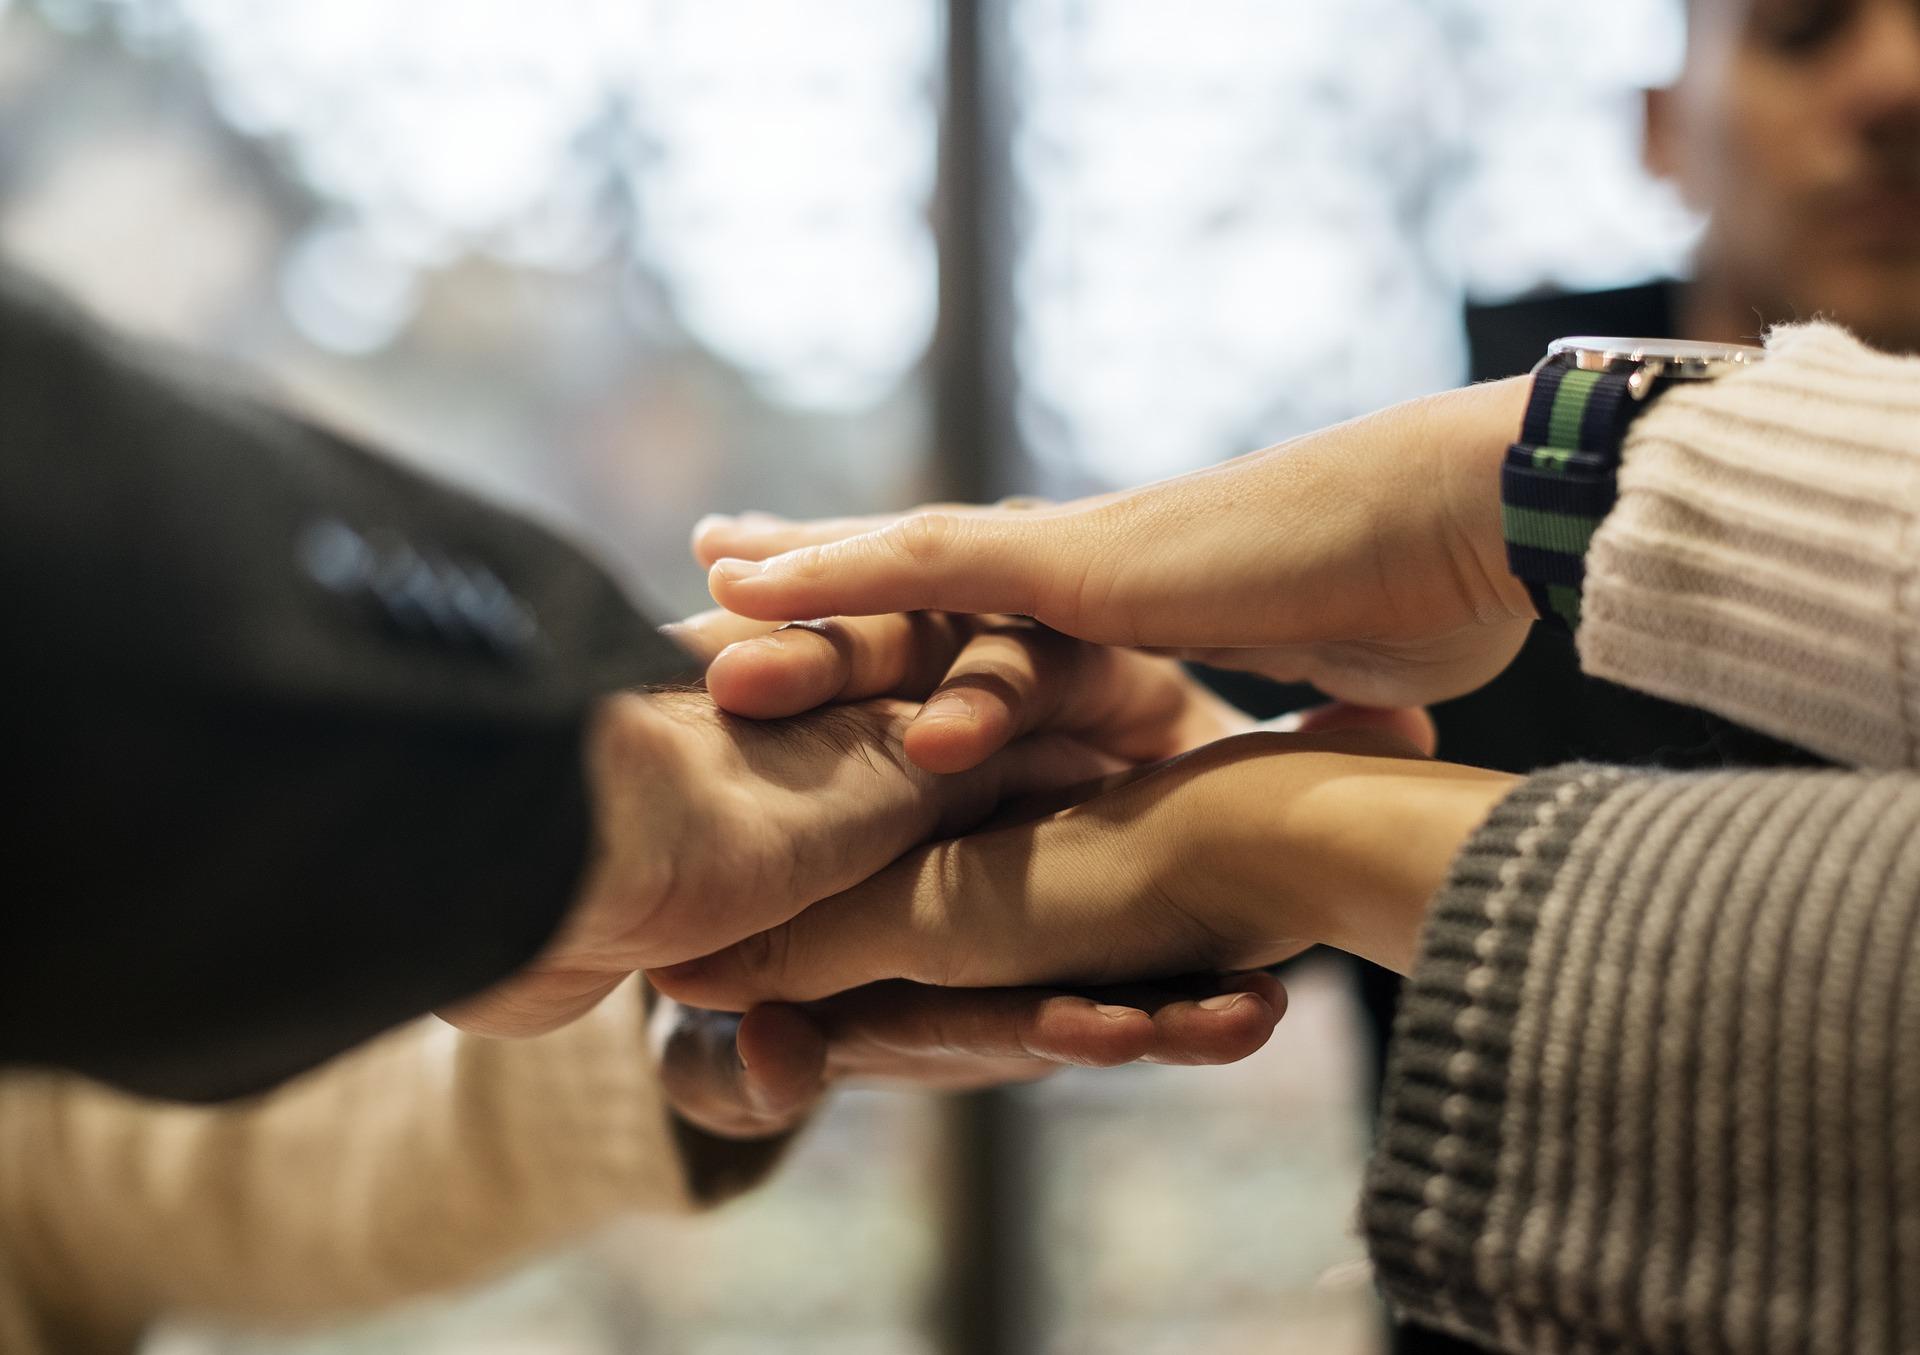 Együttműködést erősítő Népfőiskolai Vándorakadémia